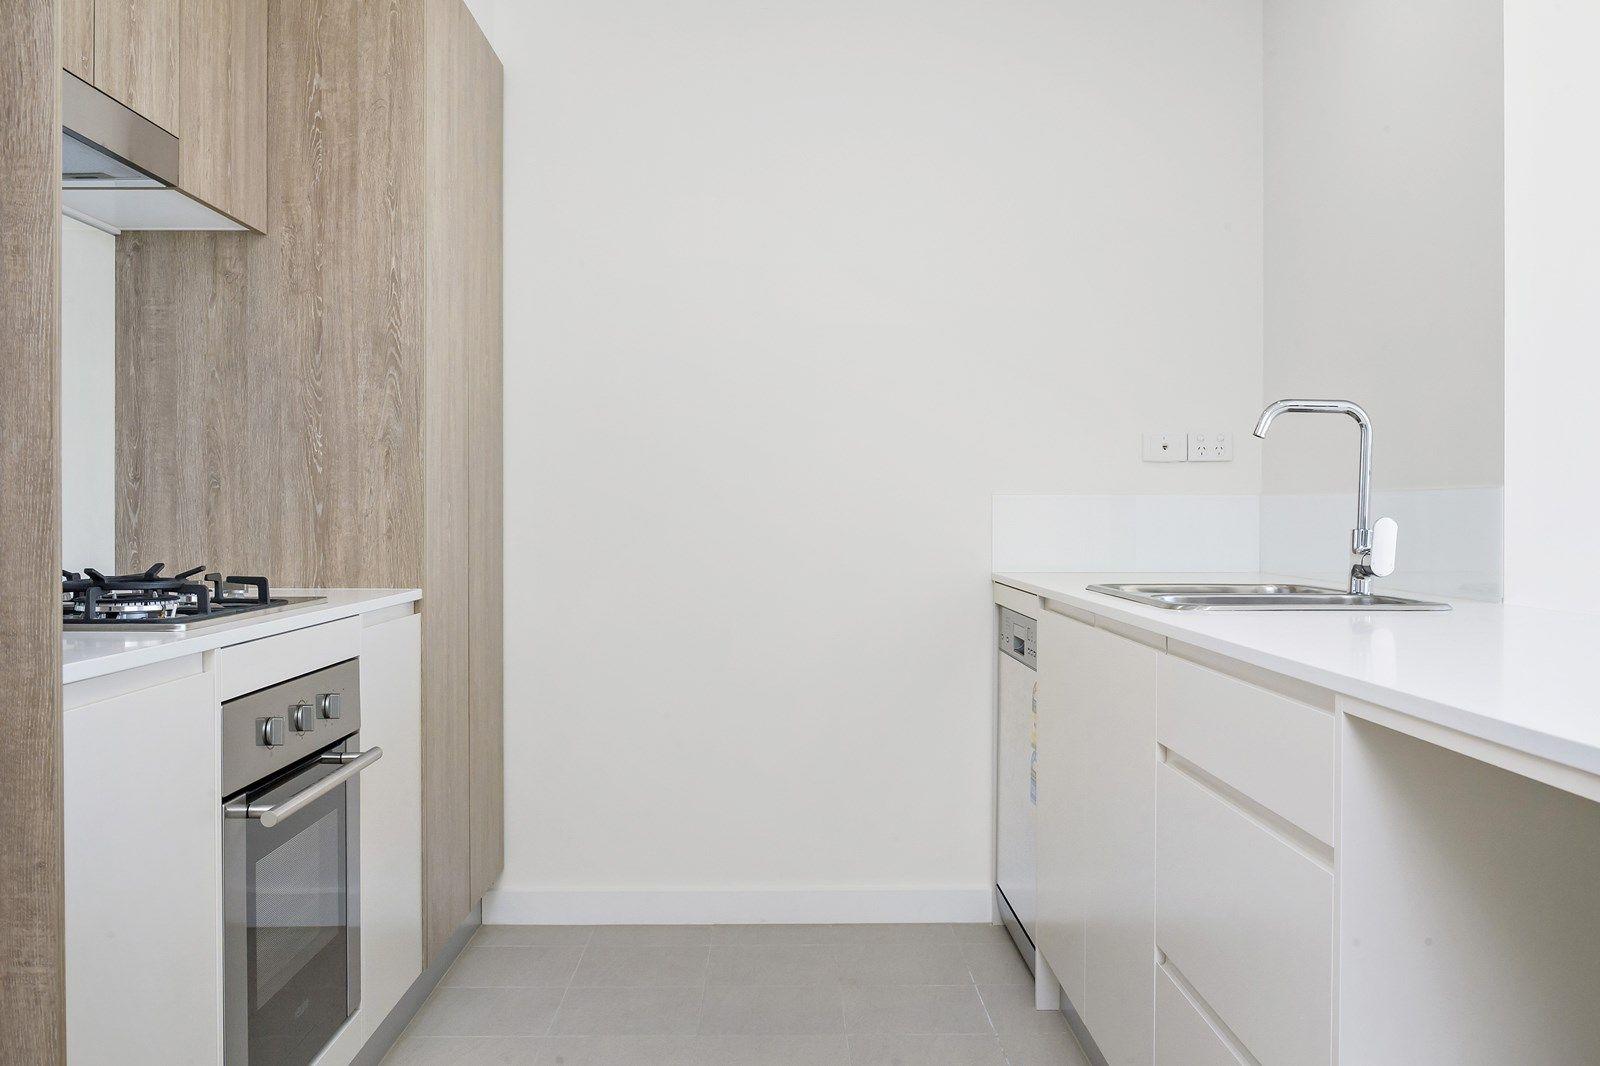 16/3-5 Wiseman Avenue, Wollongong NSW 2500, Image 1